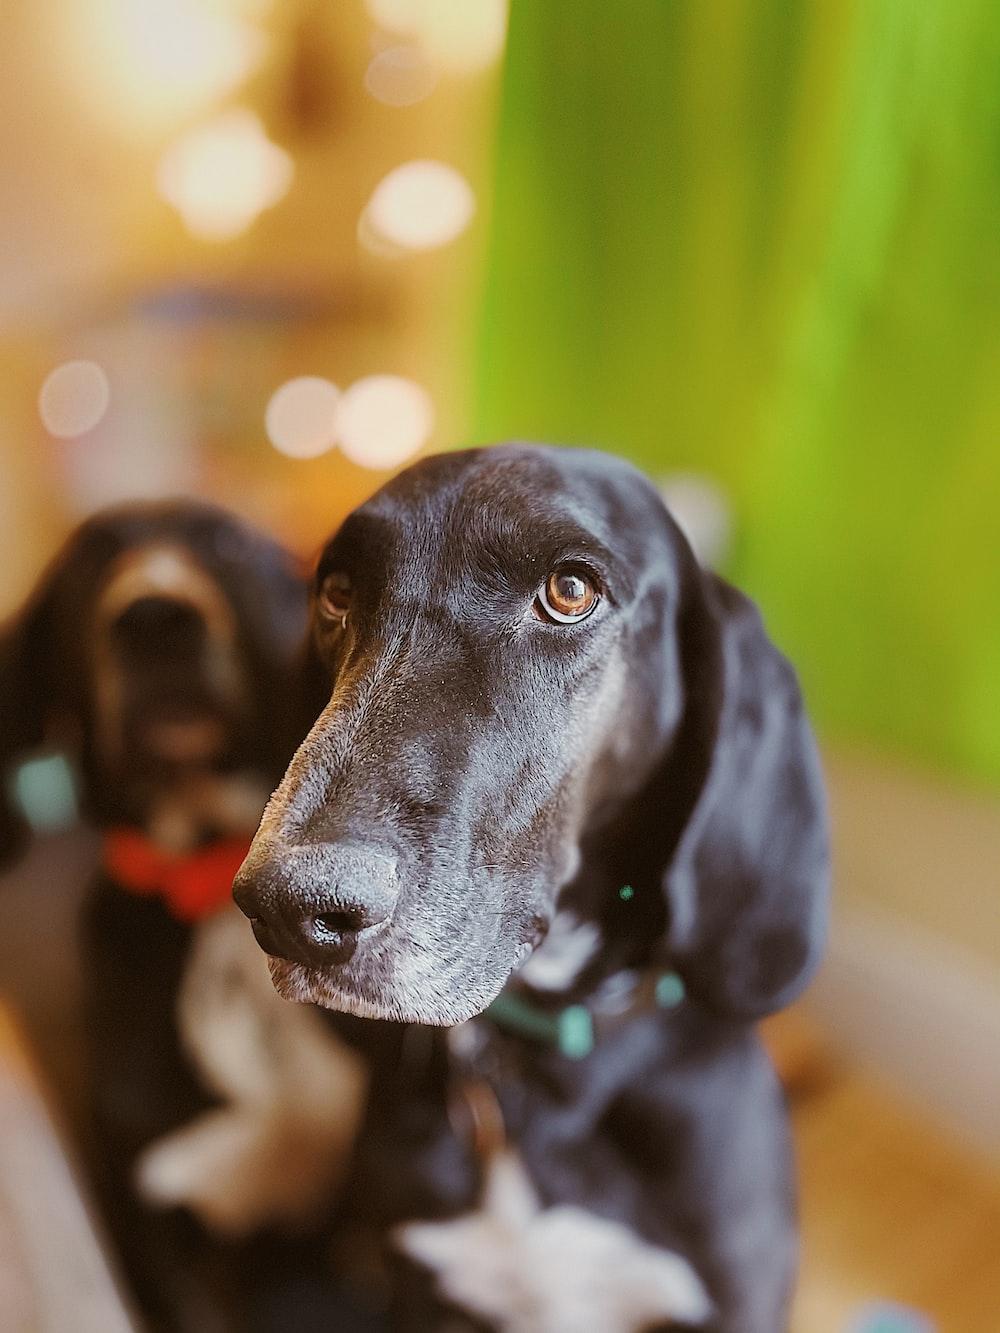 black labrador retriever puppy on focus photo